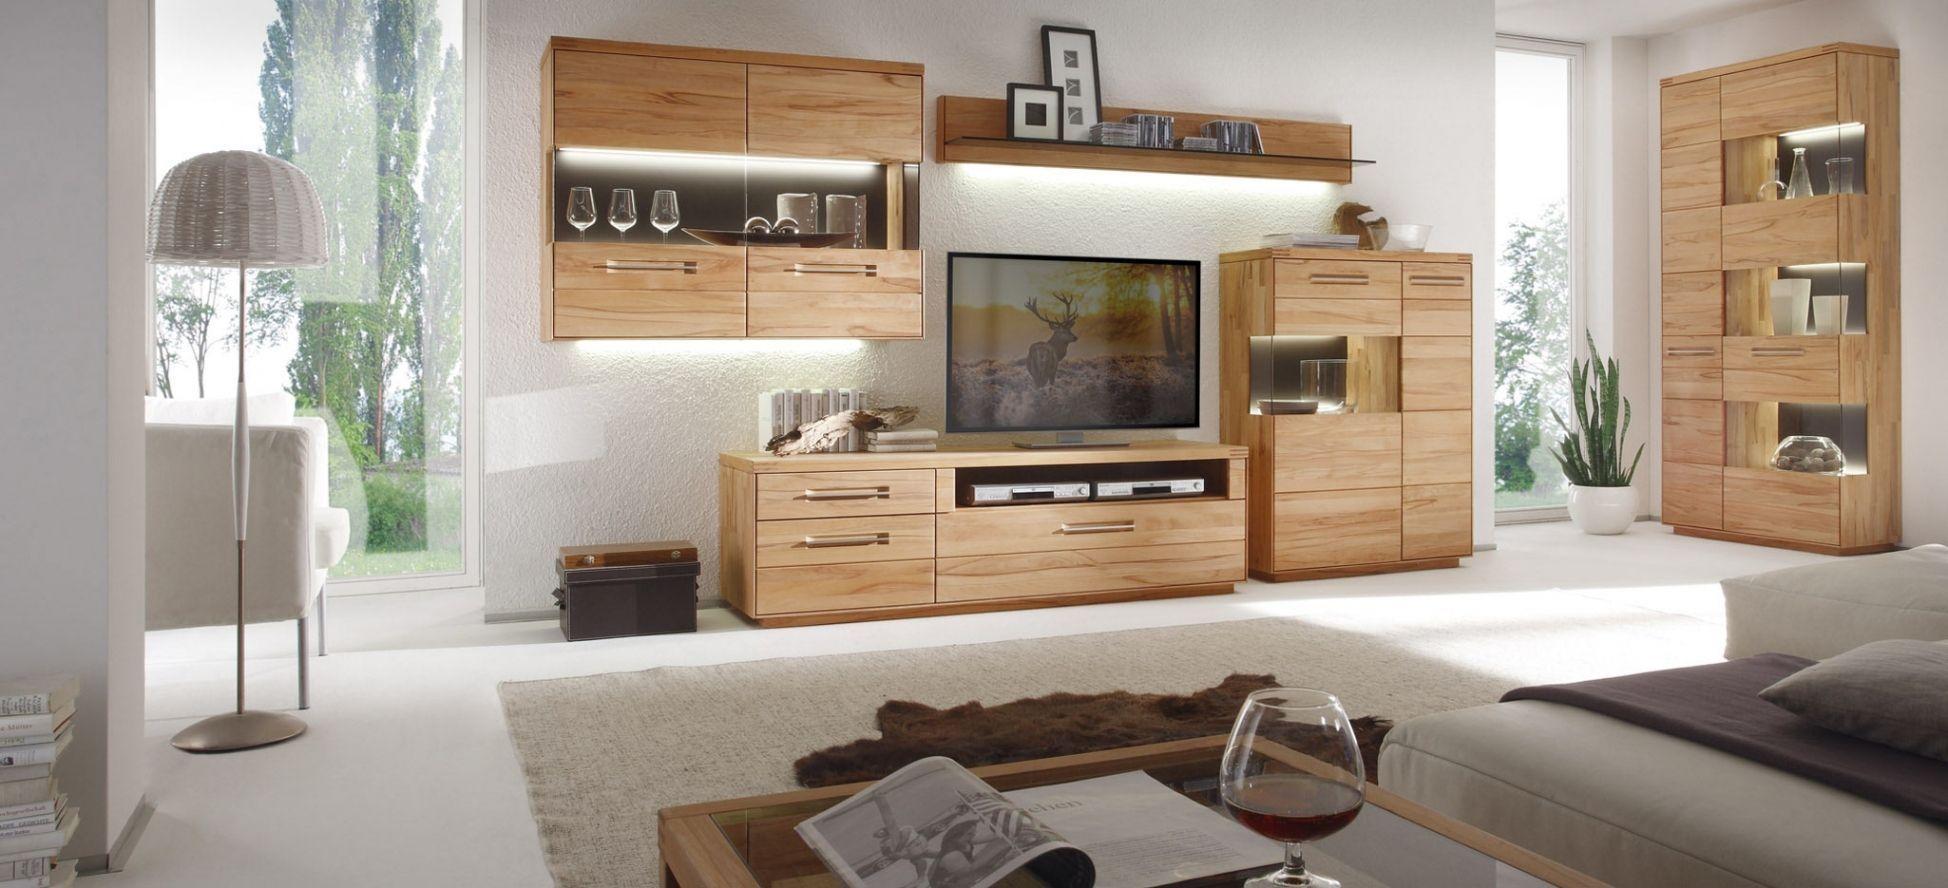 Massivholzmöbel Bad | Massivholzmöbel Wohnzimmer Hbra Online